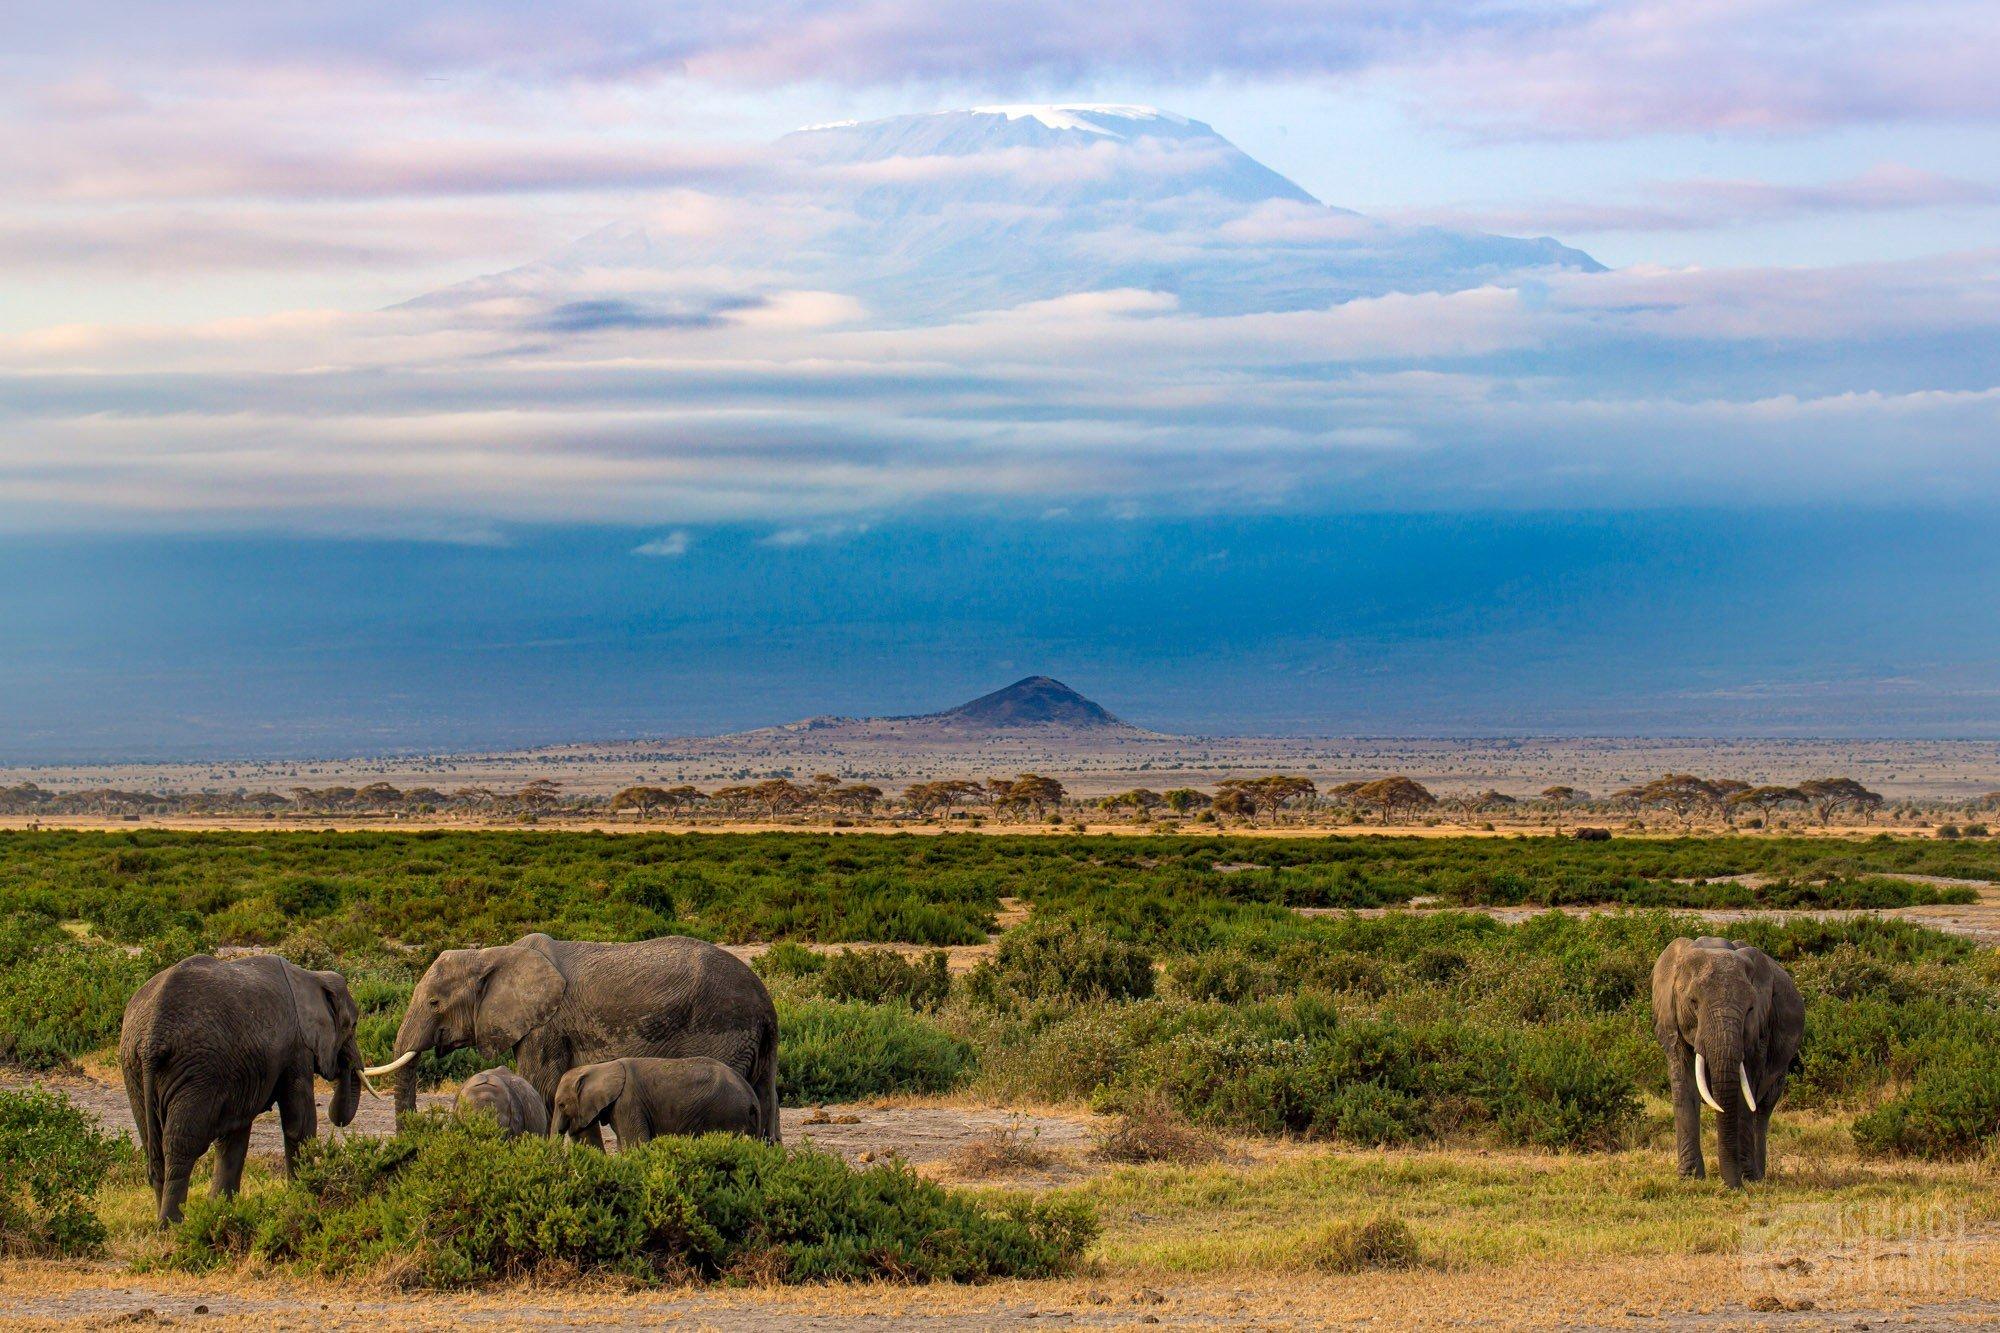 Mount Kilimanjaro and elephants in Amboseli Kenya